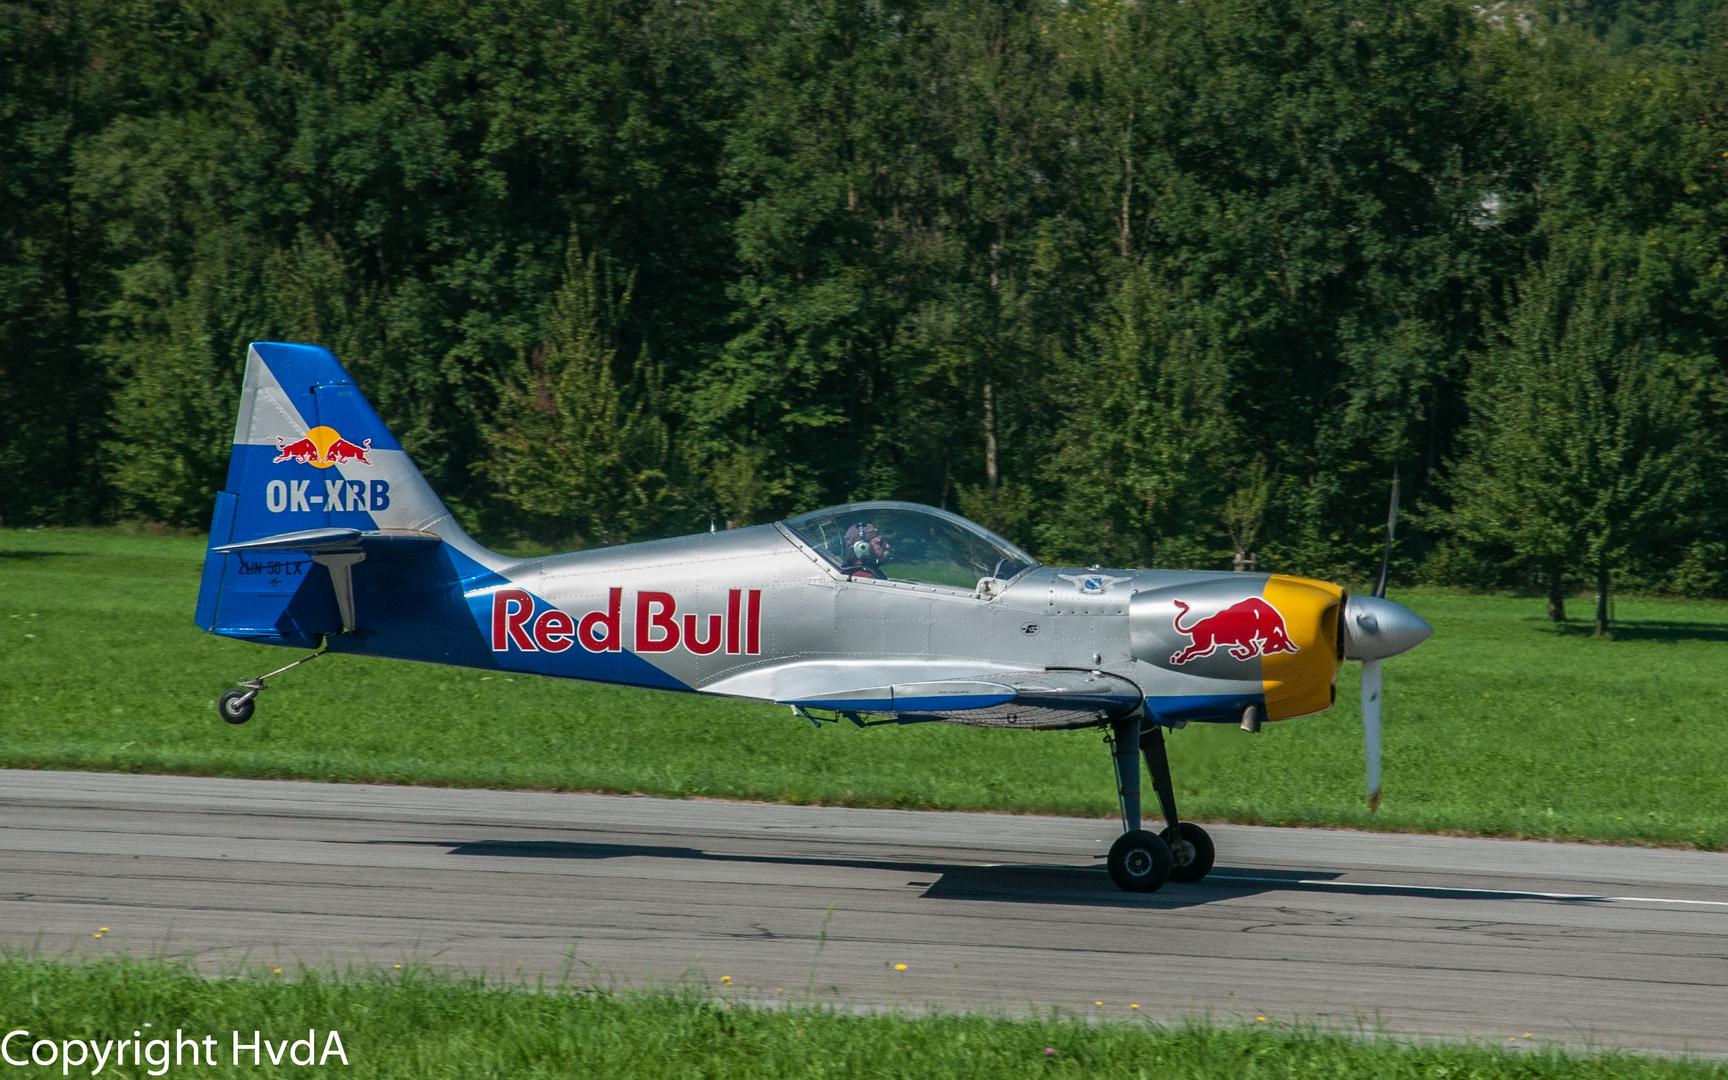 Red Bull Flying-Bulls